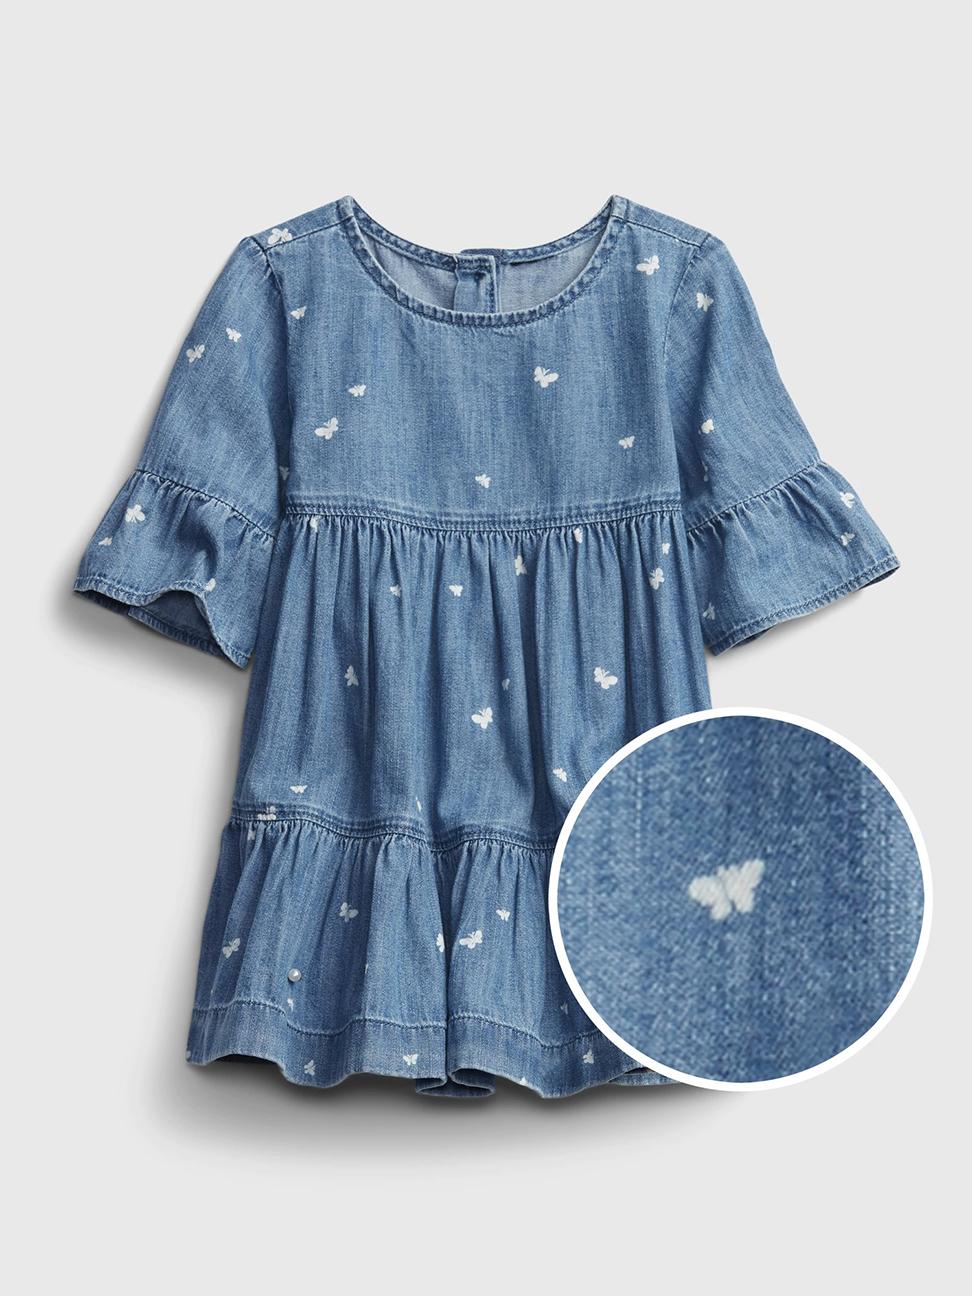 嬰兒 純棉牛仔連衣裙套裝